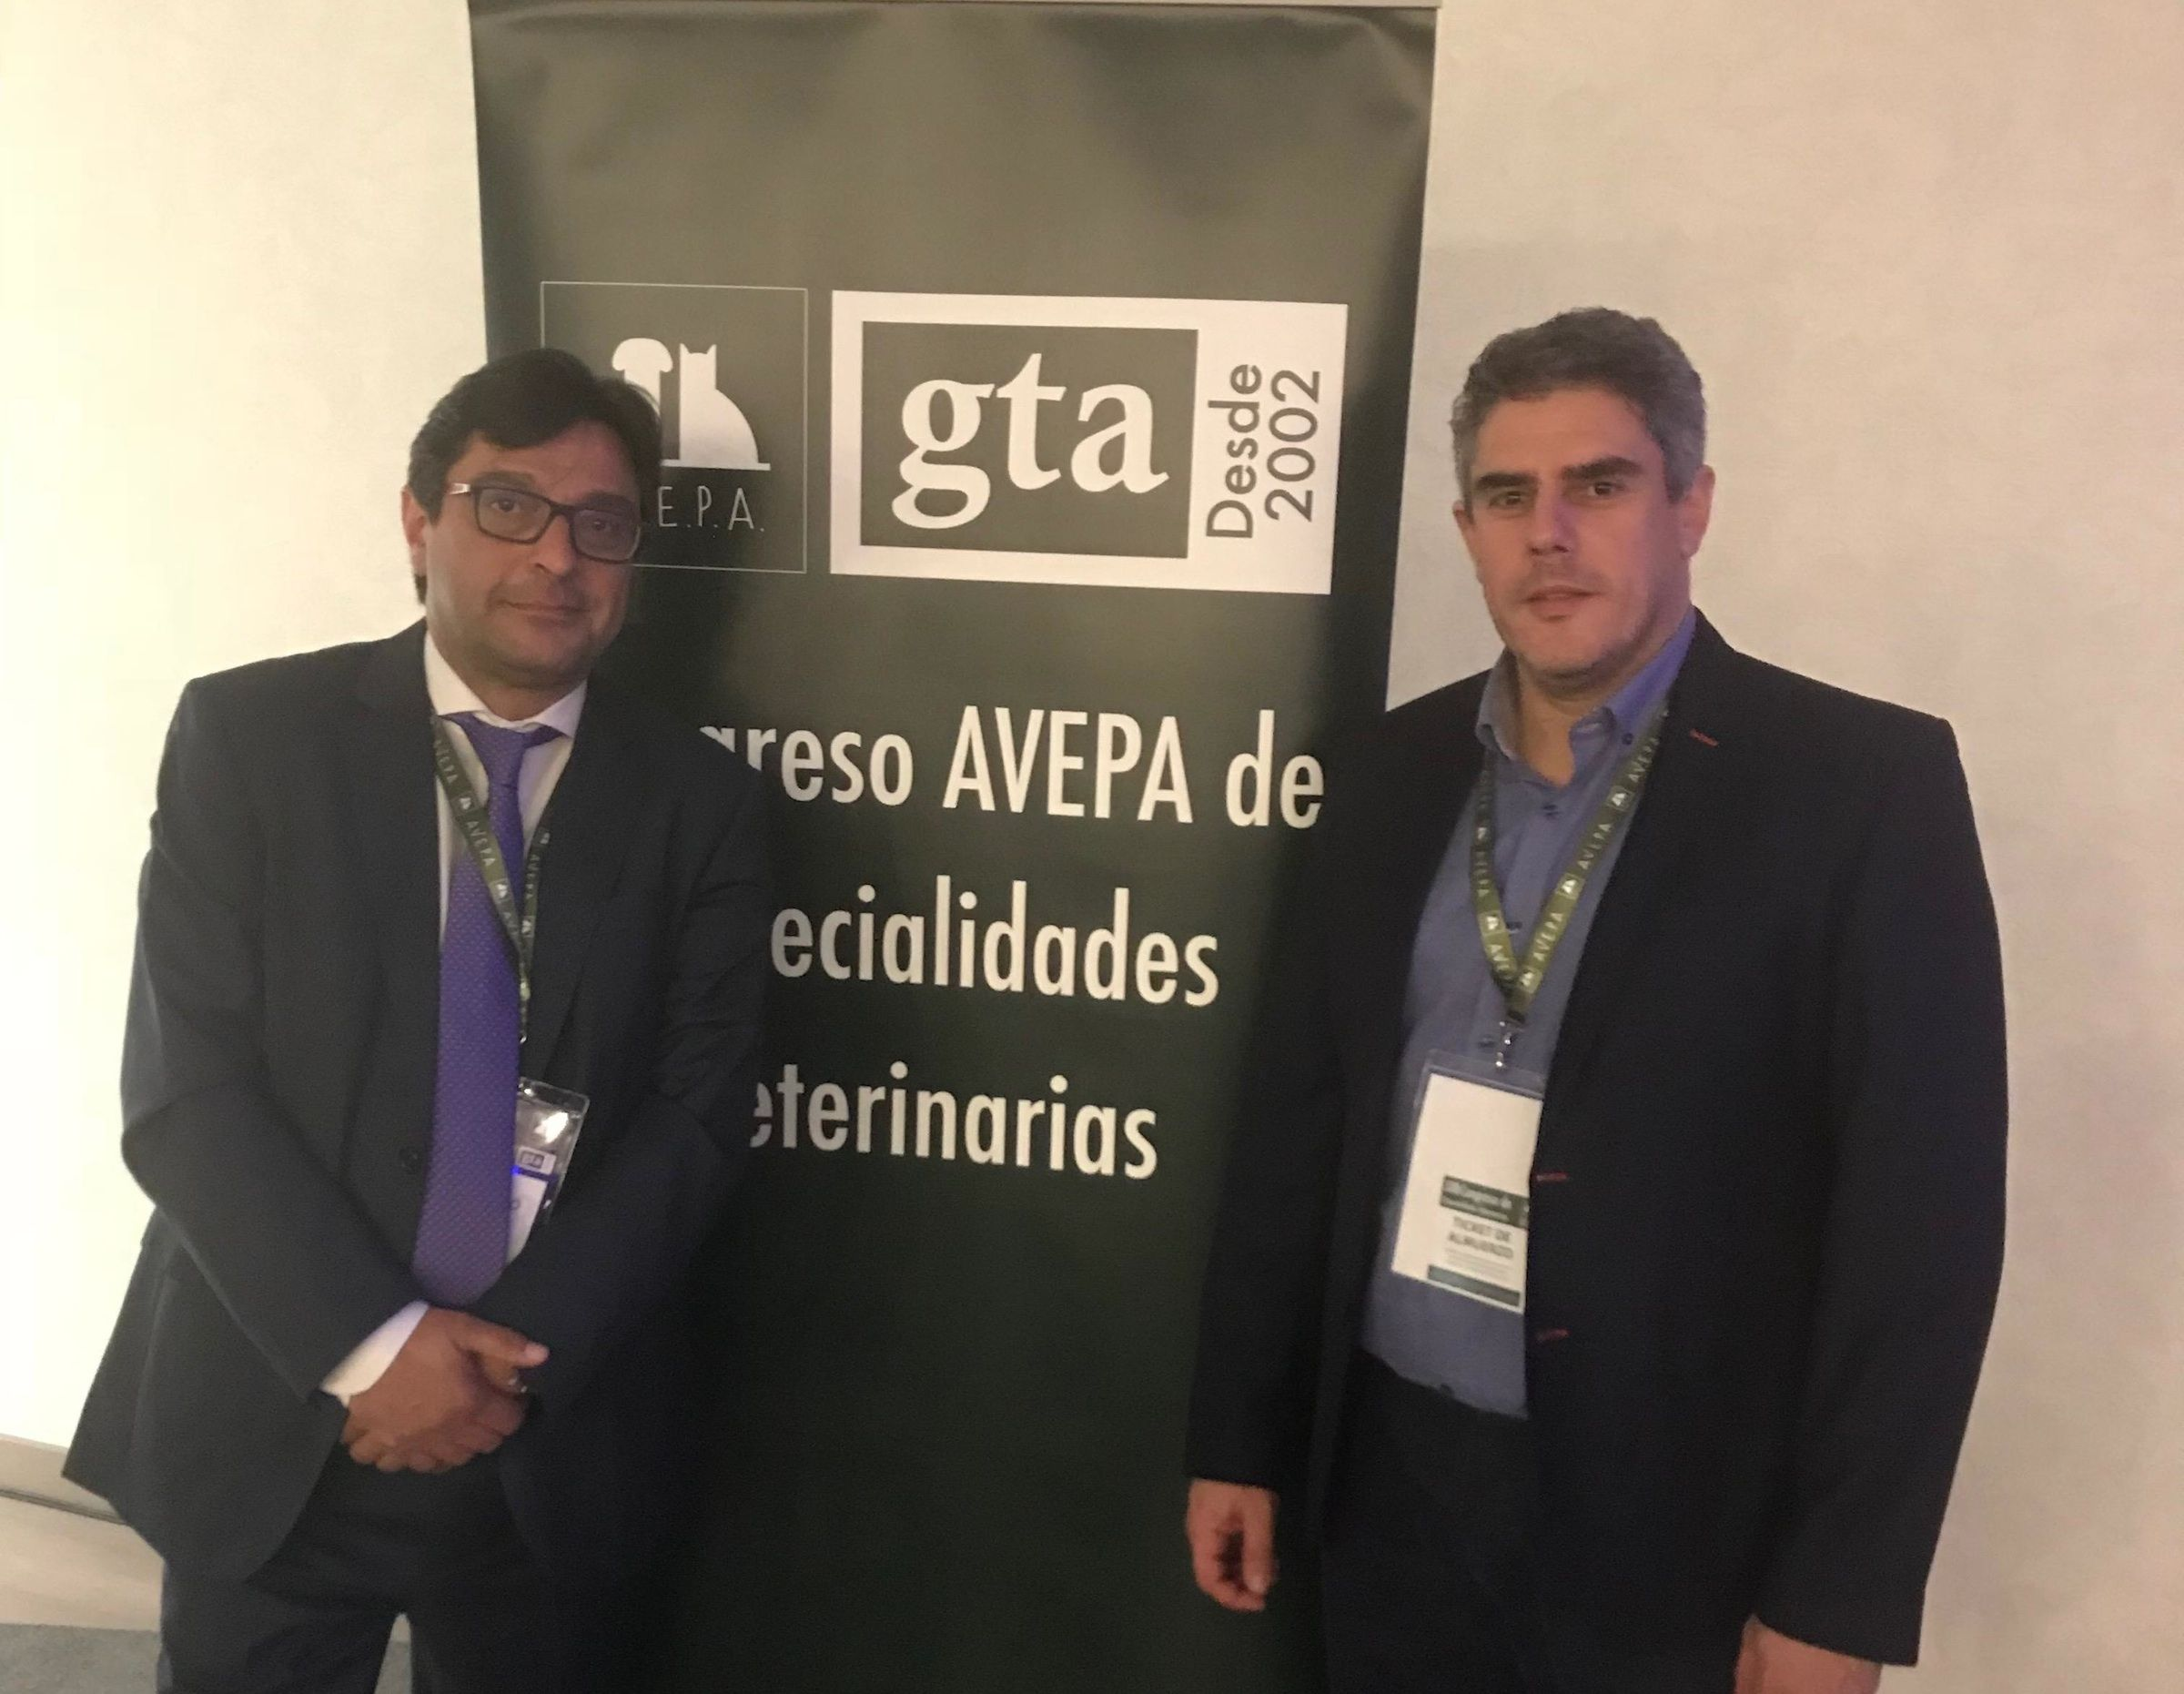 Los doctores Amaya y Ortega, profesores de Medicina y Veterinaria de la CEU UCH, en el Congreso GTA18 de la AVEPA.